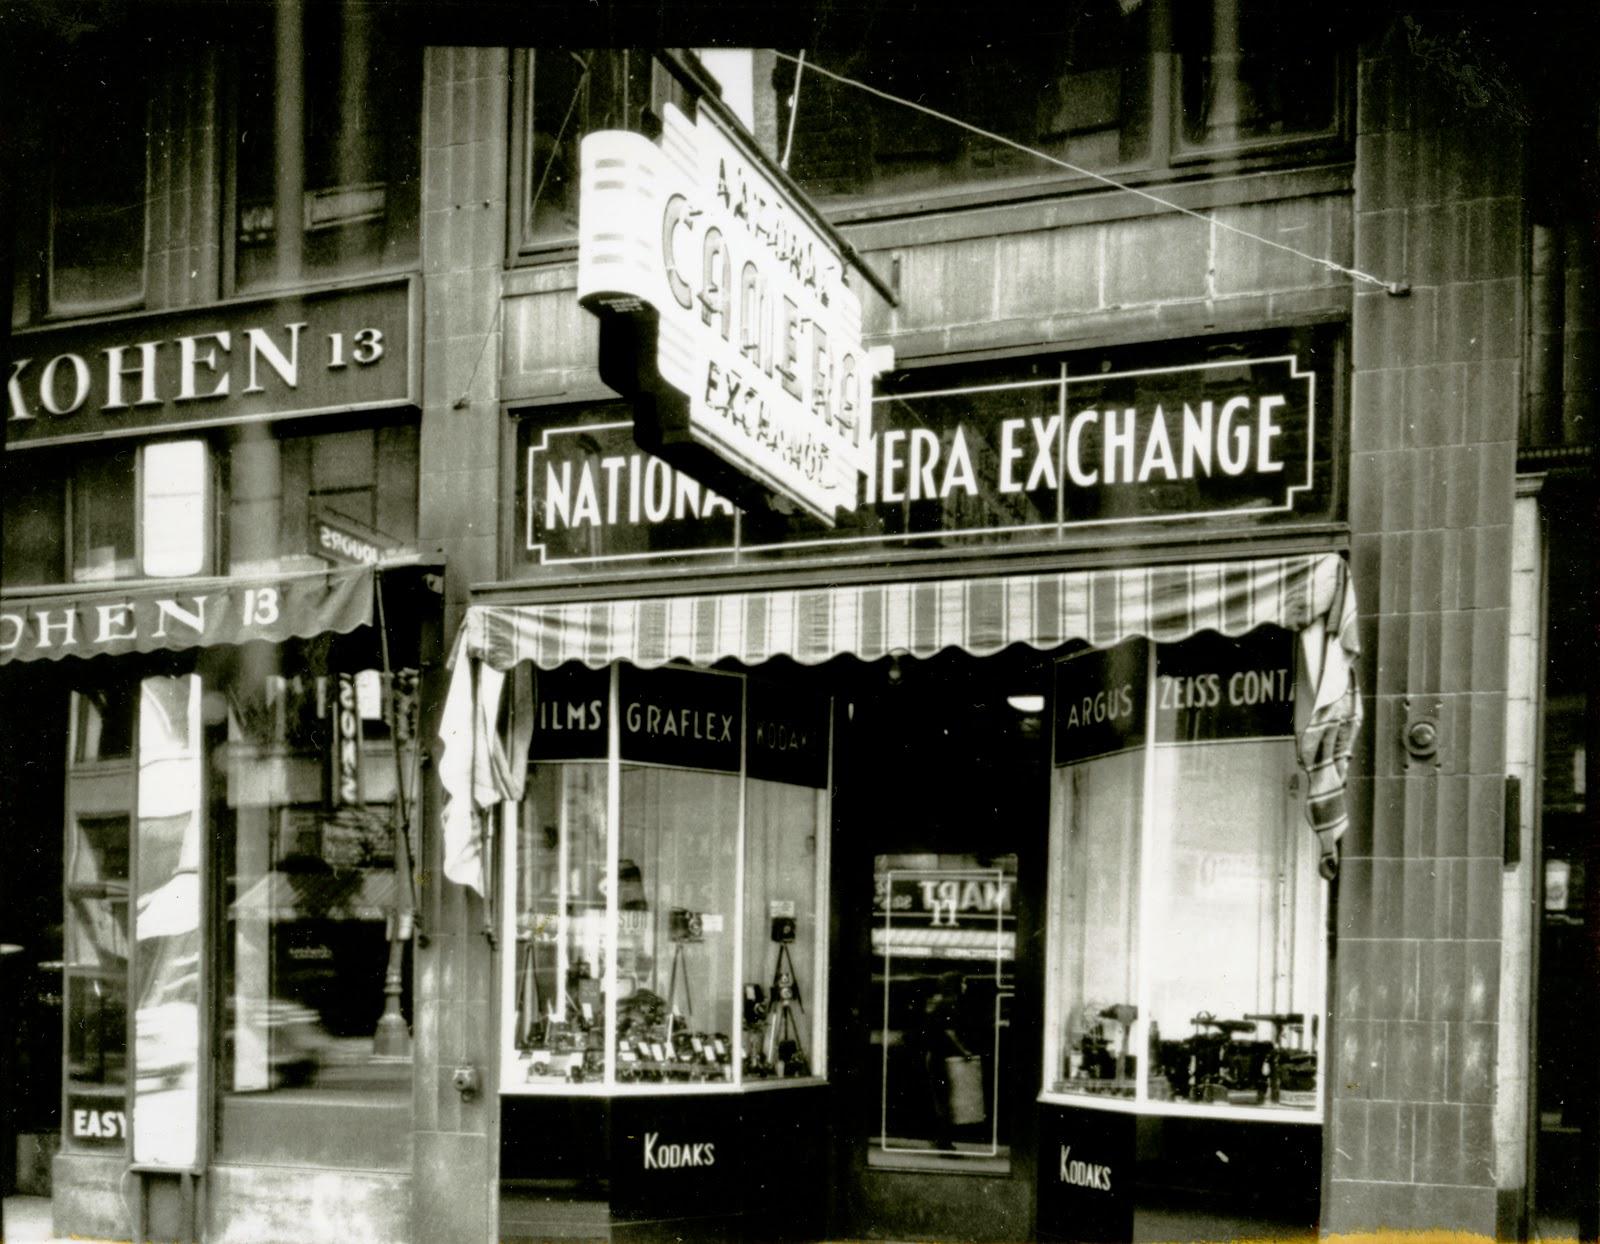 LEICA Barnack Berek Blog: ANOTHER 100 YEAR ANNIVERSARY